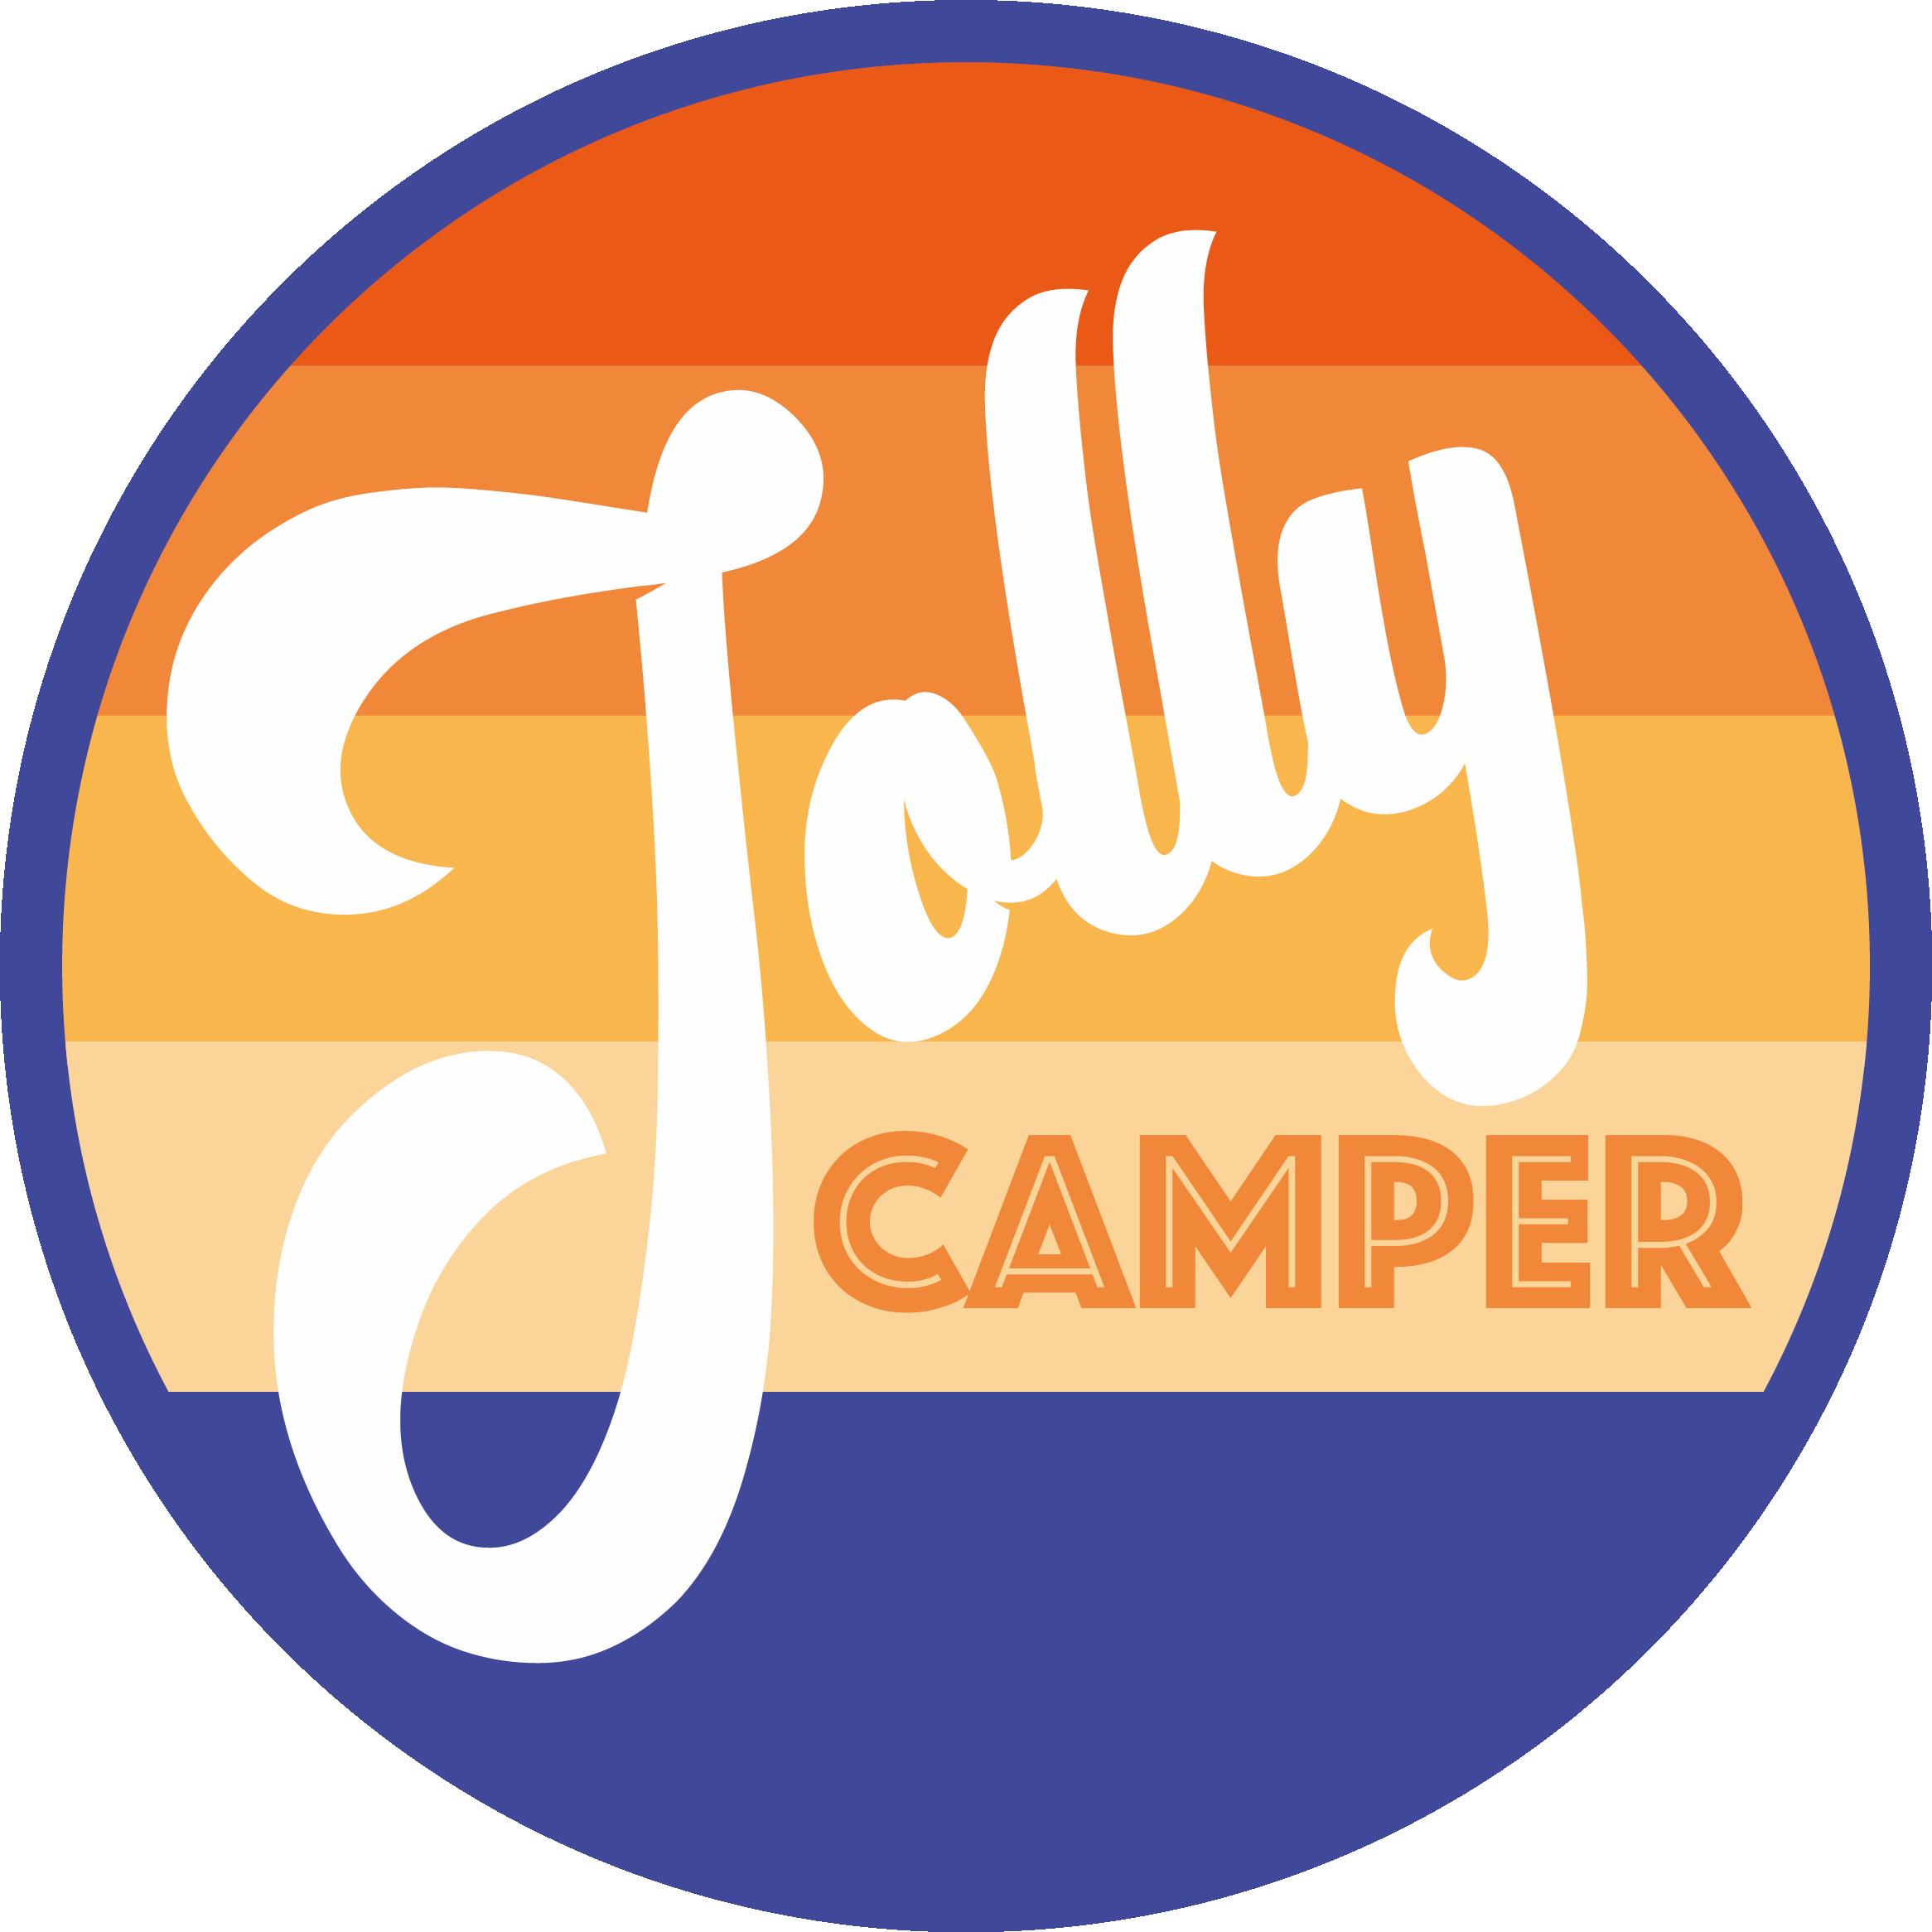 JollyCamper - Location de vans aménagés - Lausanne, Suisse